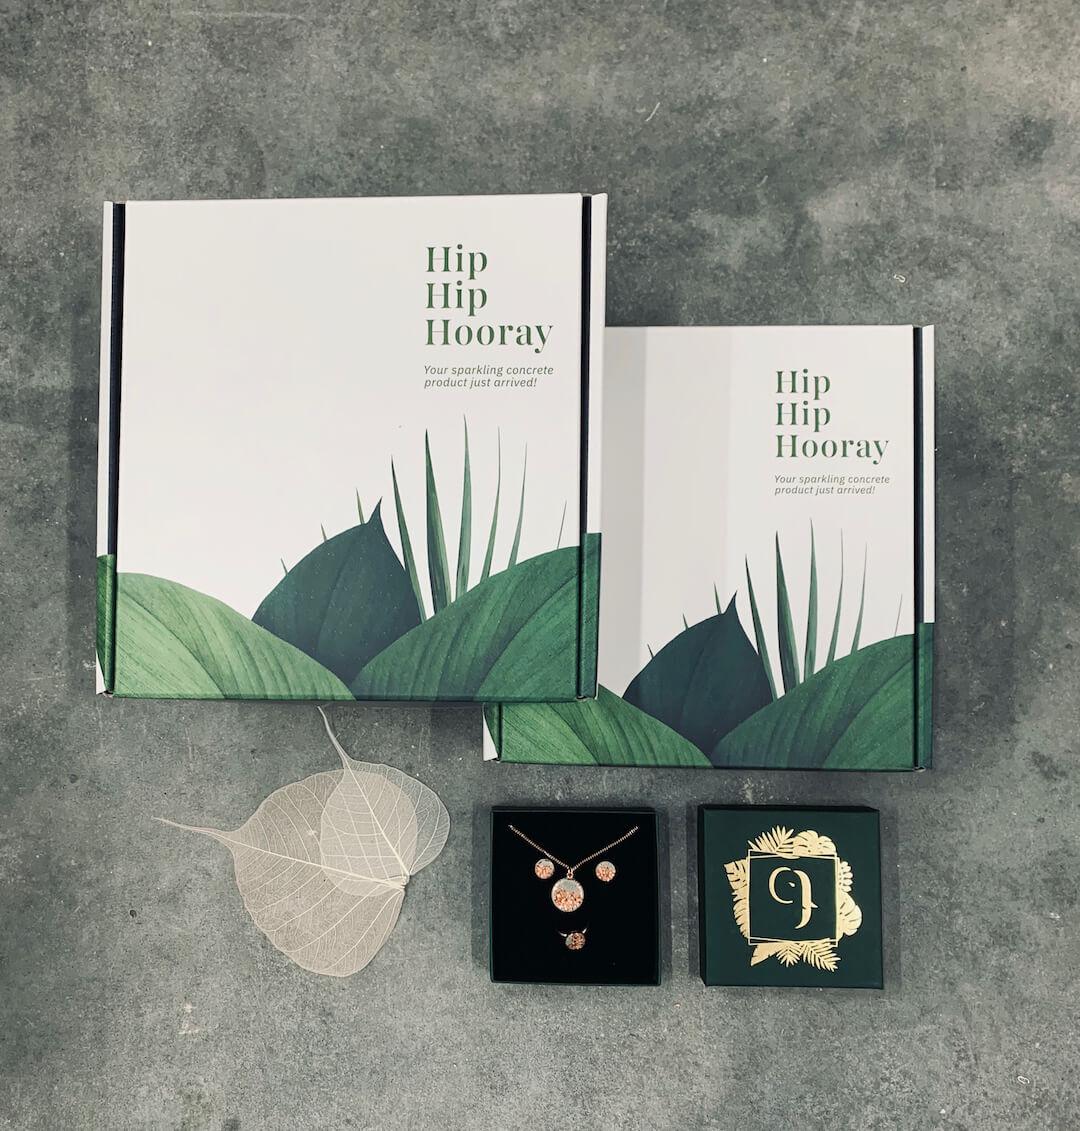 Le packaging éco-responsable de Concrete Jungle